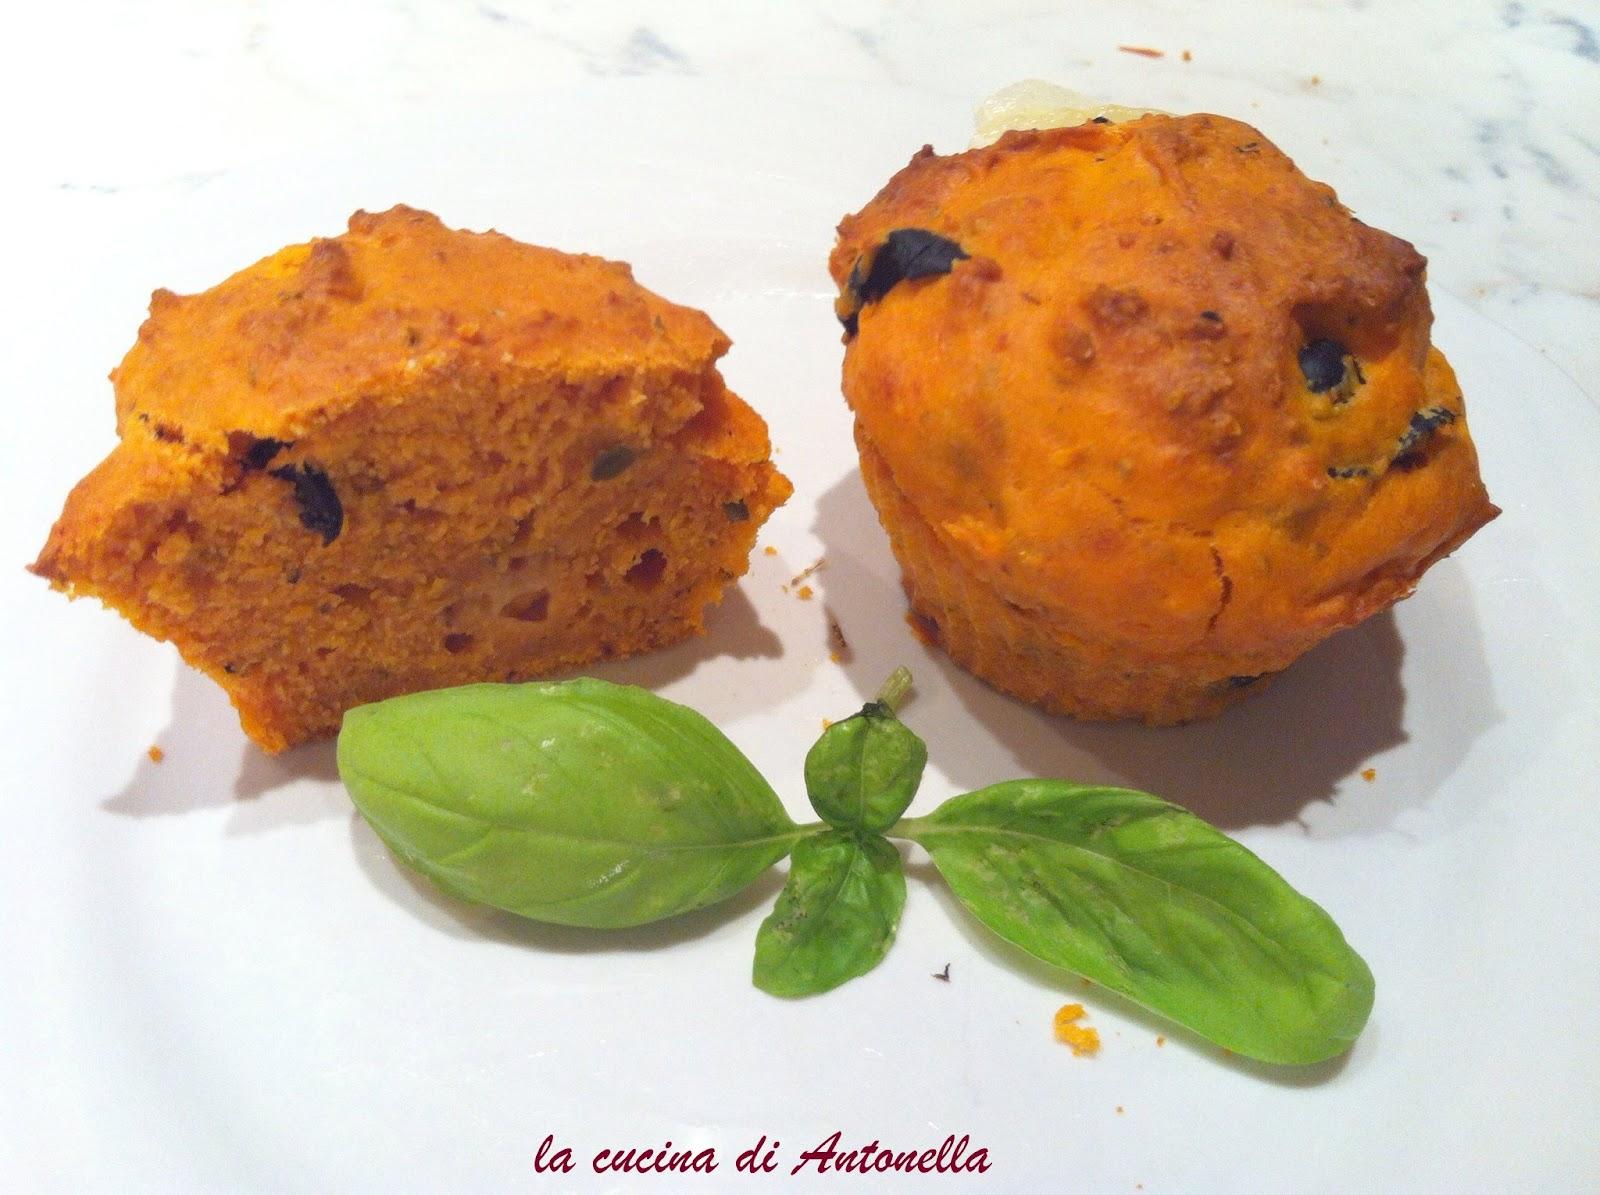 La cucina di antonella muffin alla pizza - La cucina di antonella ...